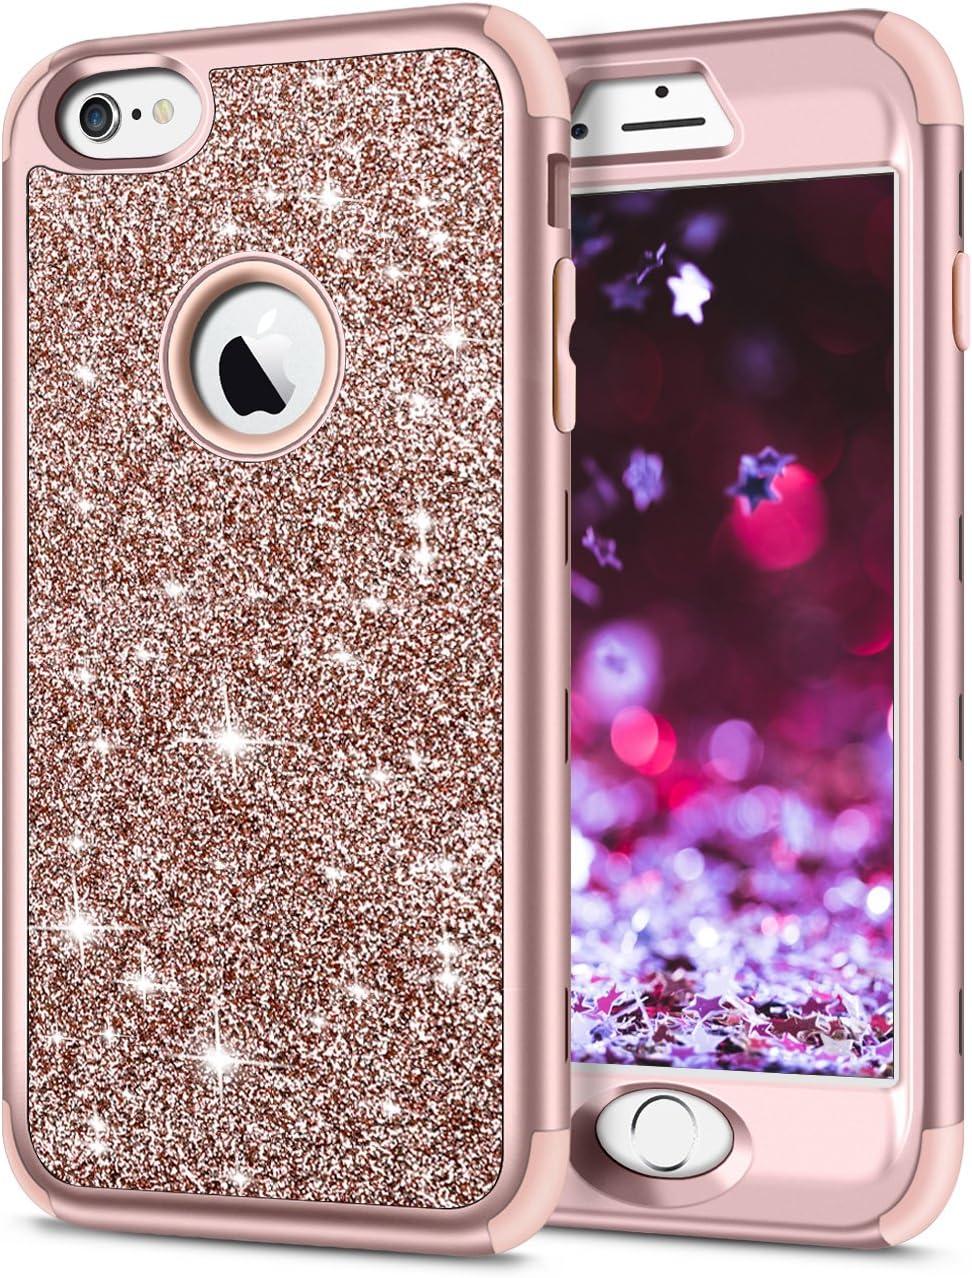 Coque pour iPhone 6S, Samsung Pow avec paillettes brillantes et intérieur en caoutchouc souple 3 en 1 - Coque de protection intégrale pour iPhone 6 - ...